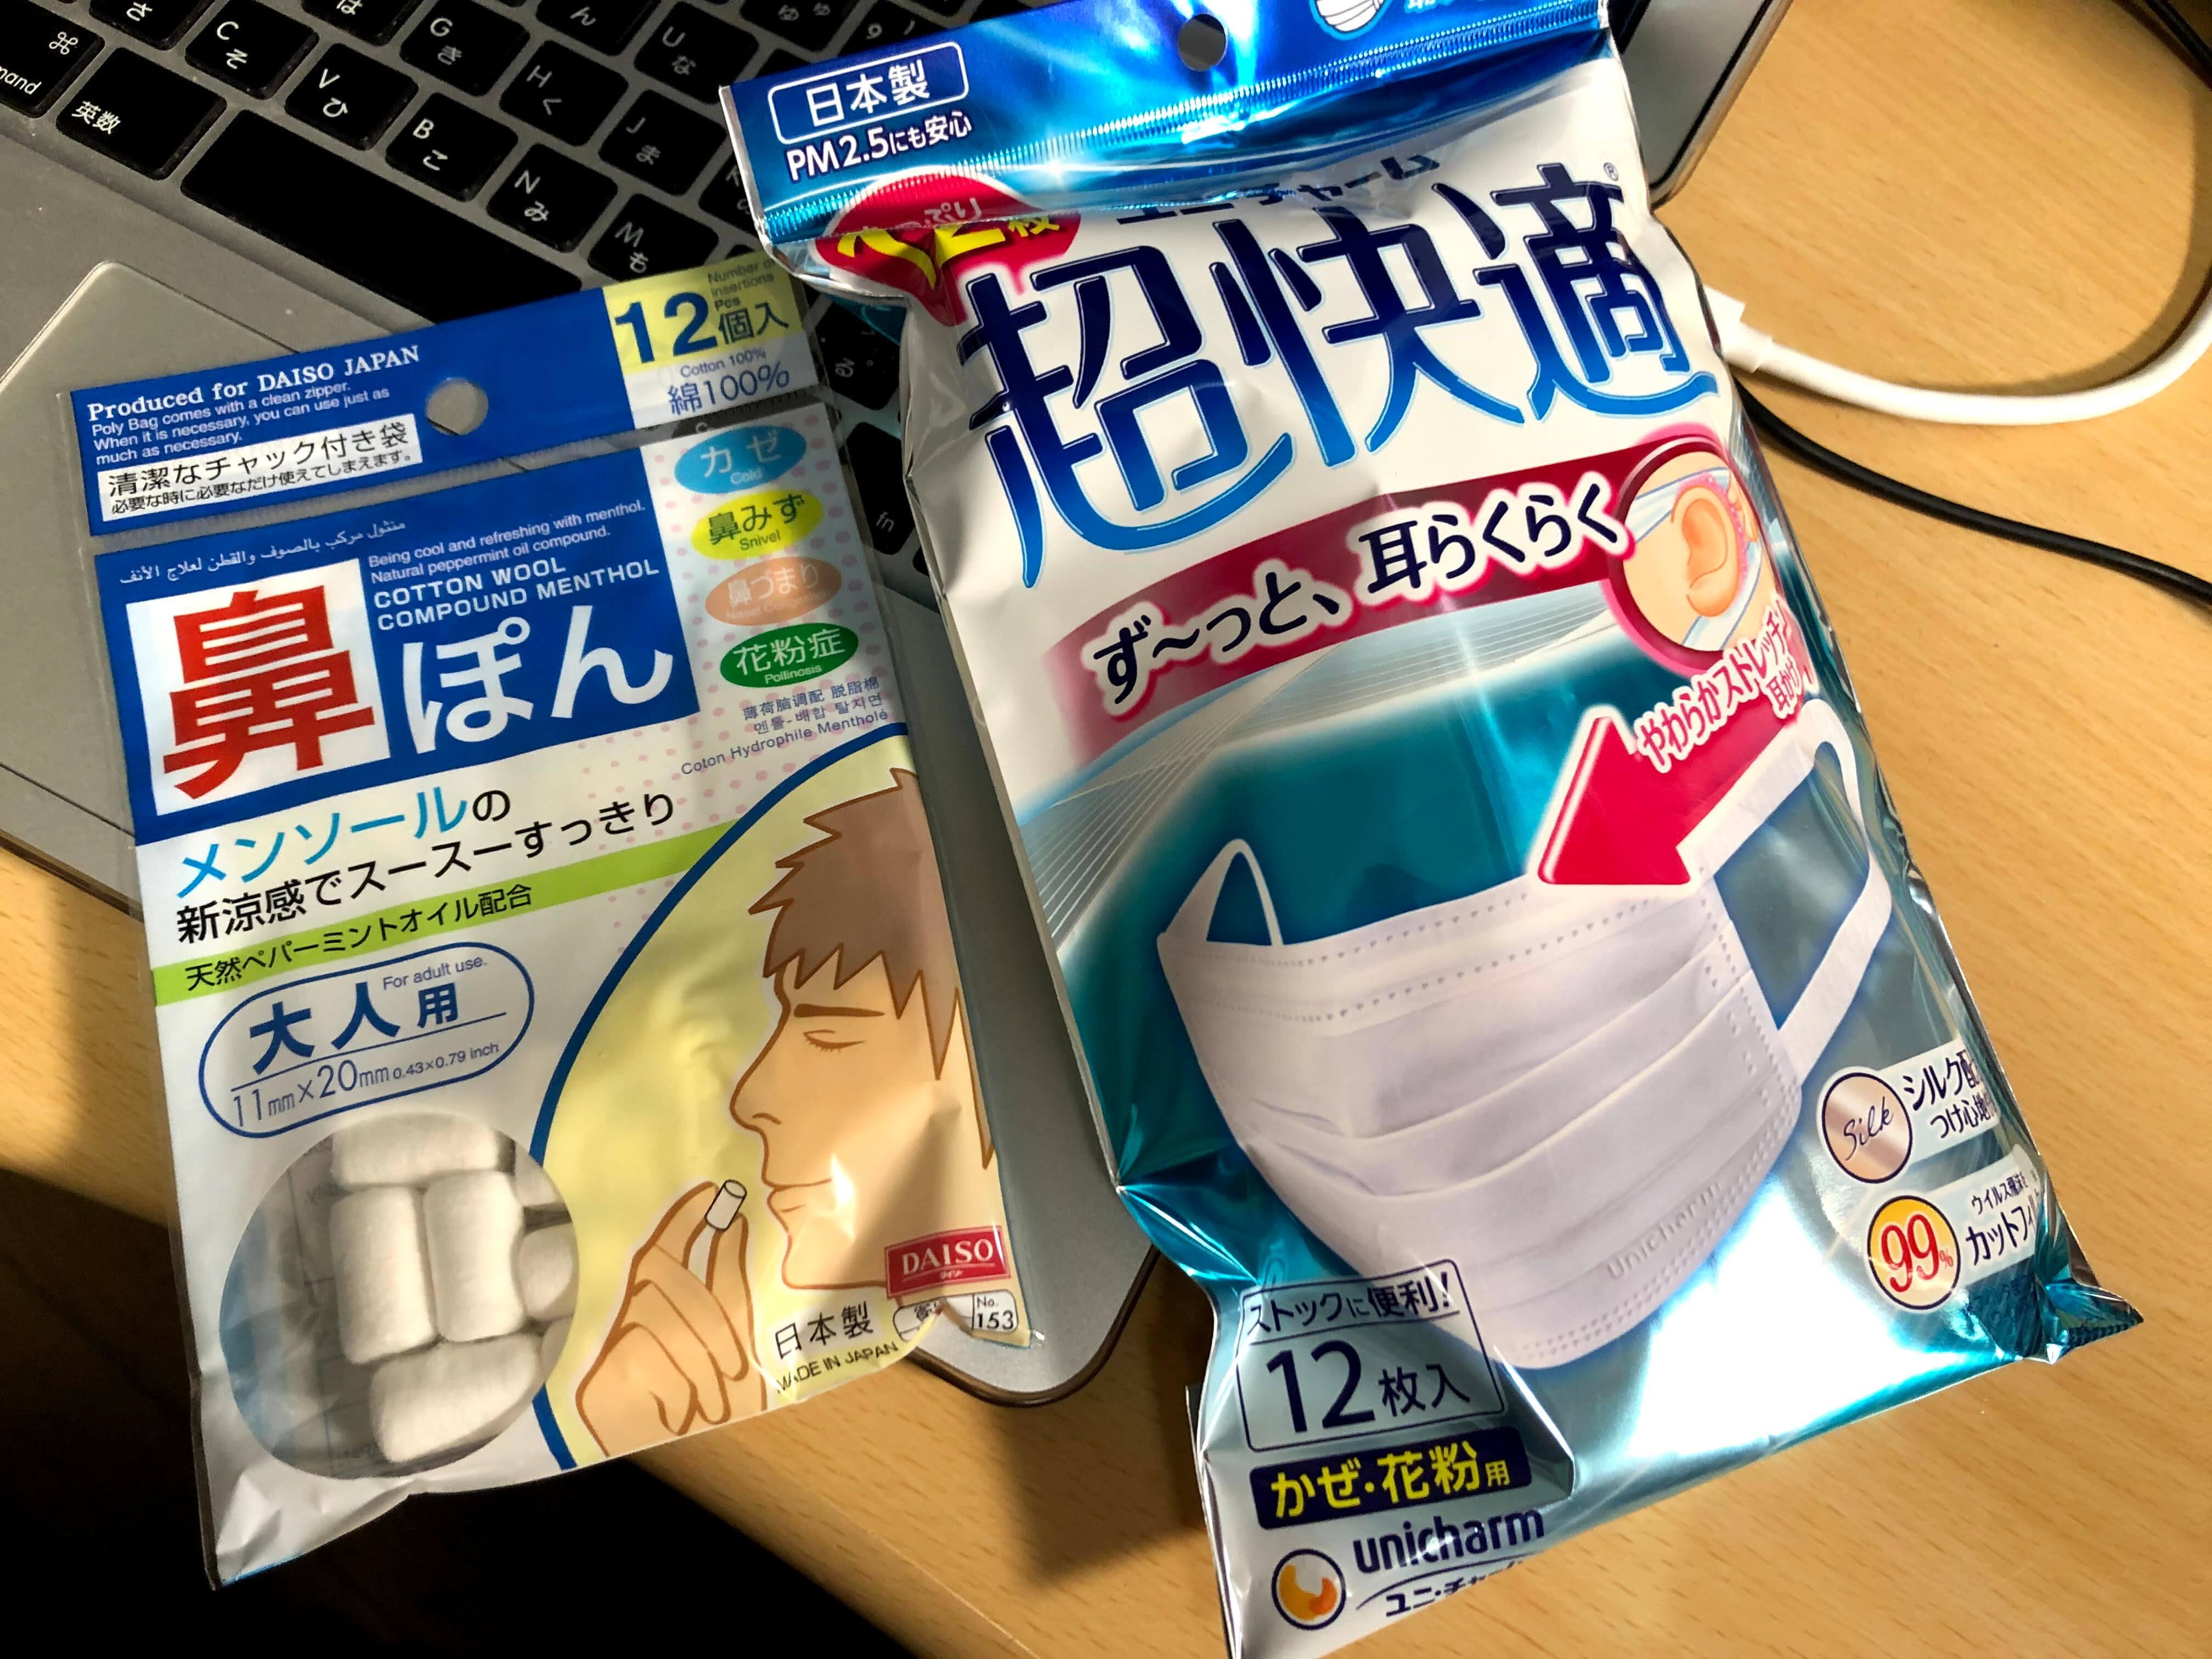 マスク 購入 ユニ チャーム